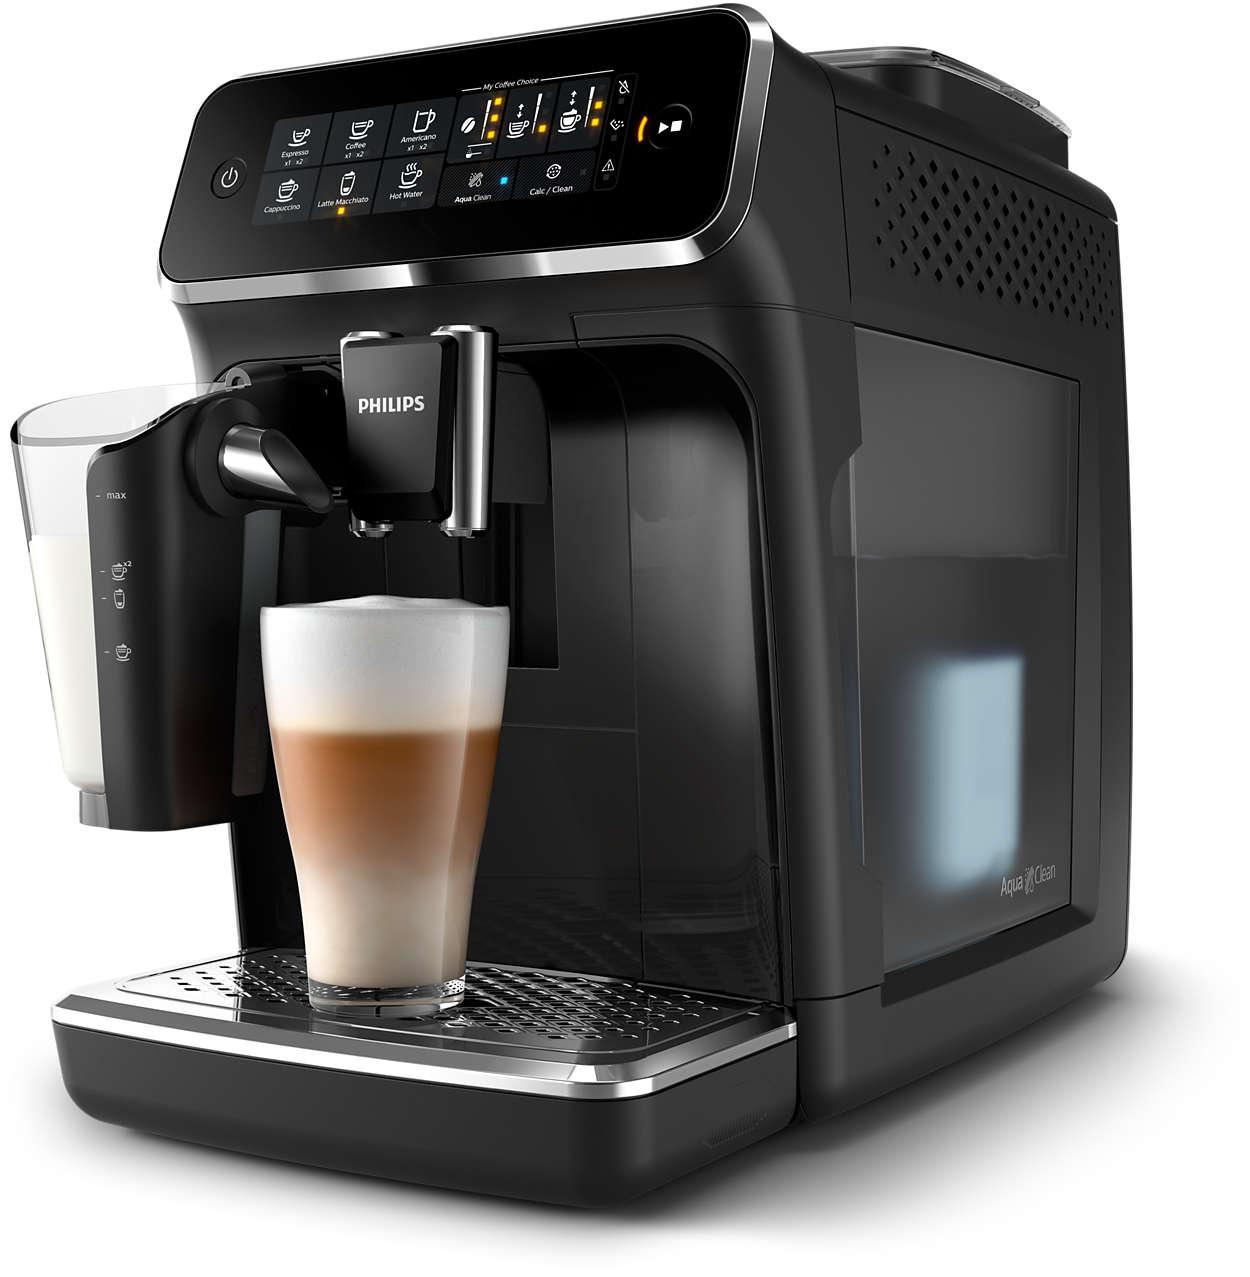 5 cafés deliciosos de grãos frescos, mais fácil do que nunca